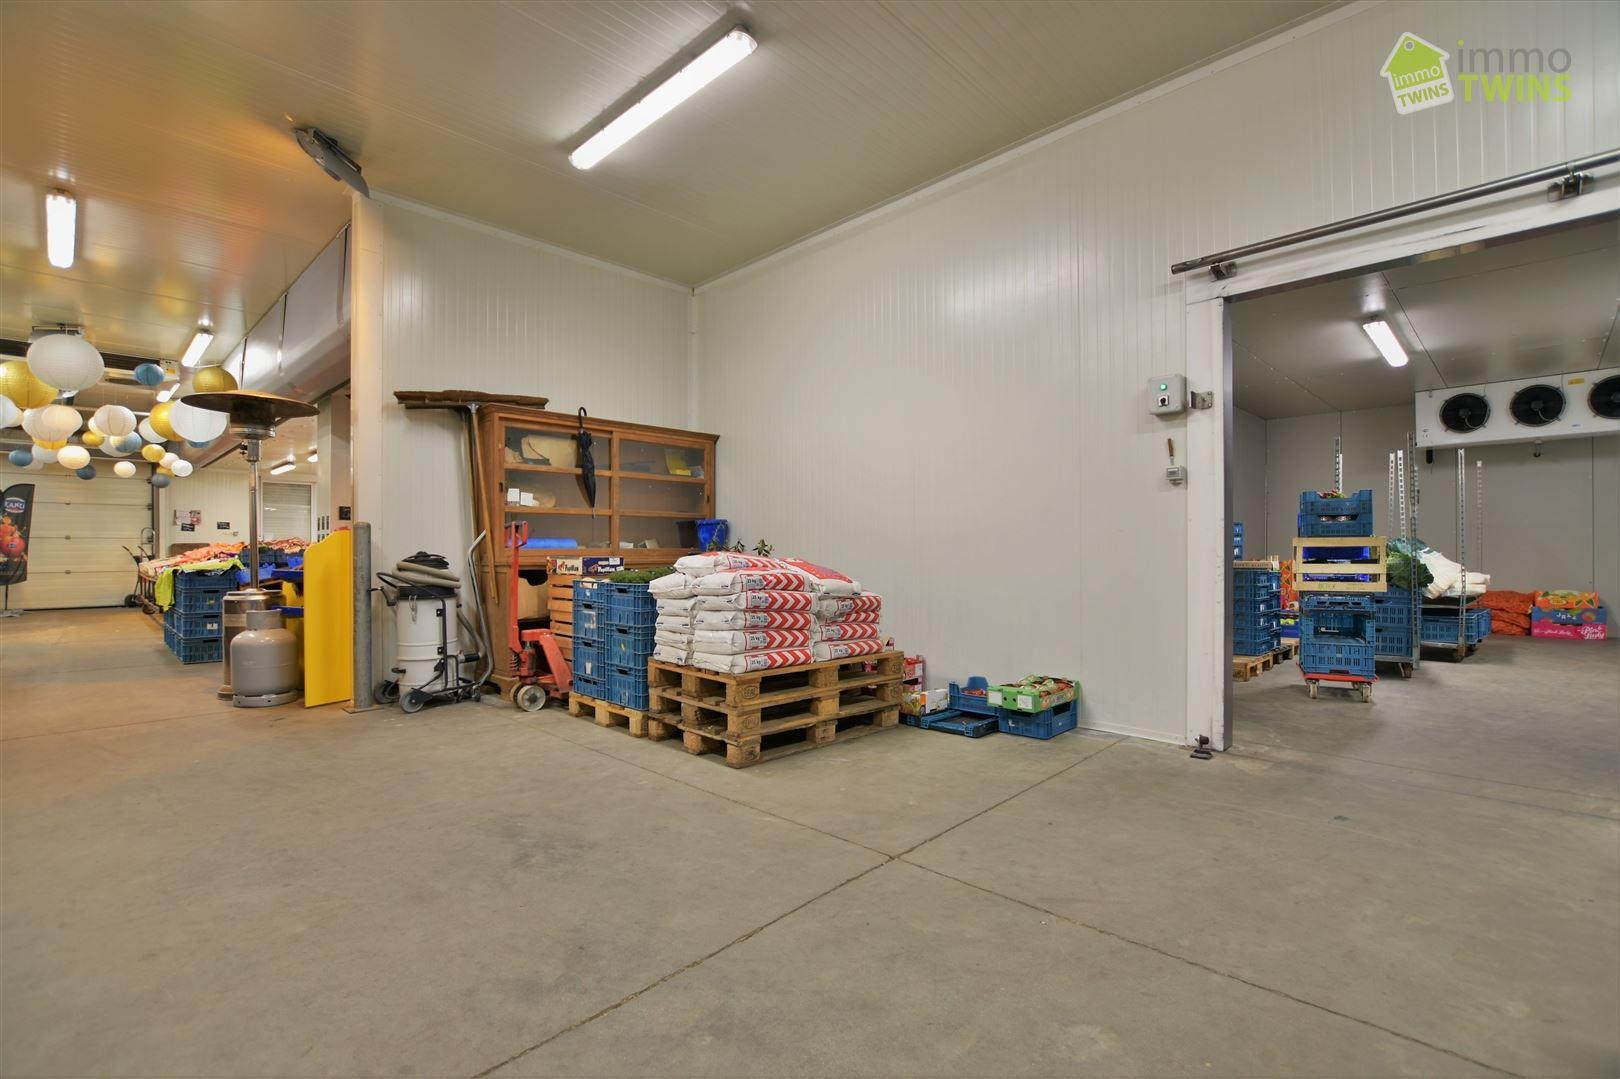 Foto 4 : Gemengd gebouw te 9308 GIJZEGEM (België) - Prijs € 549.000